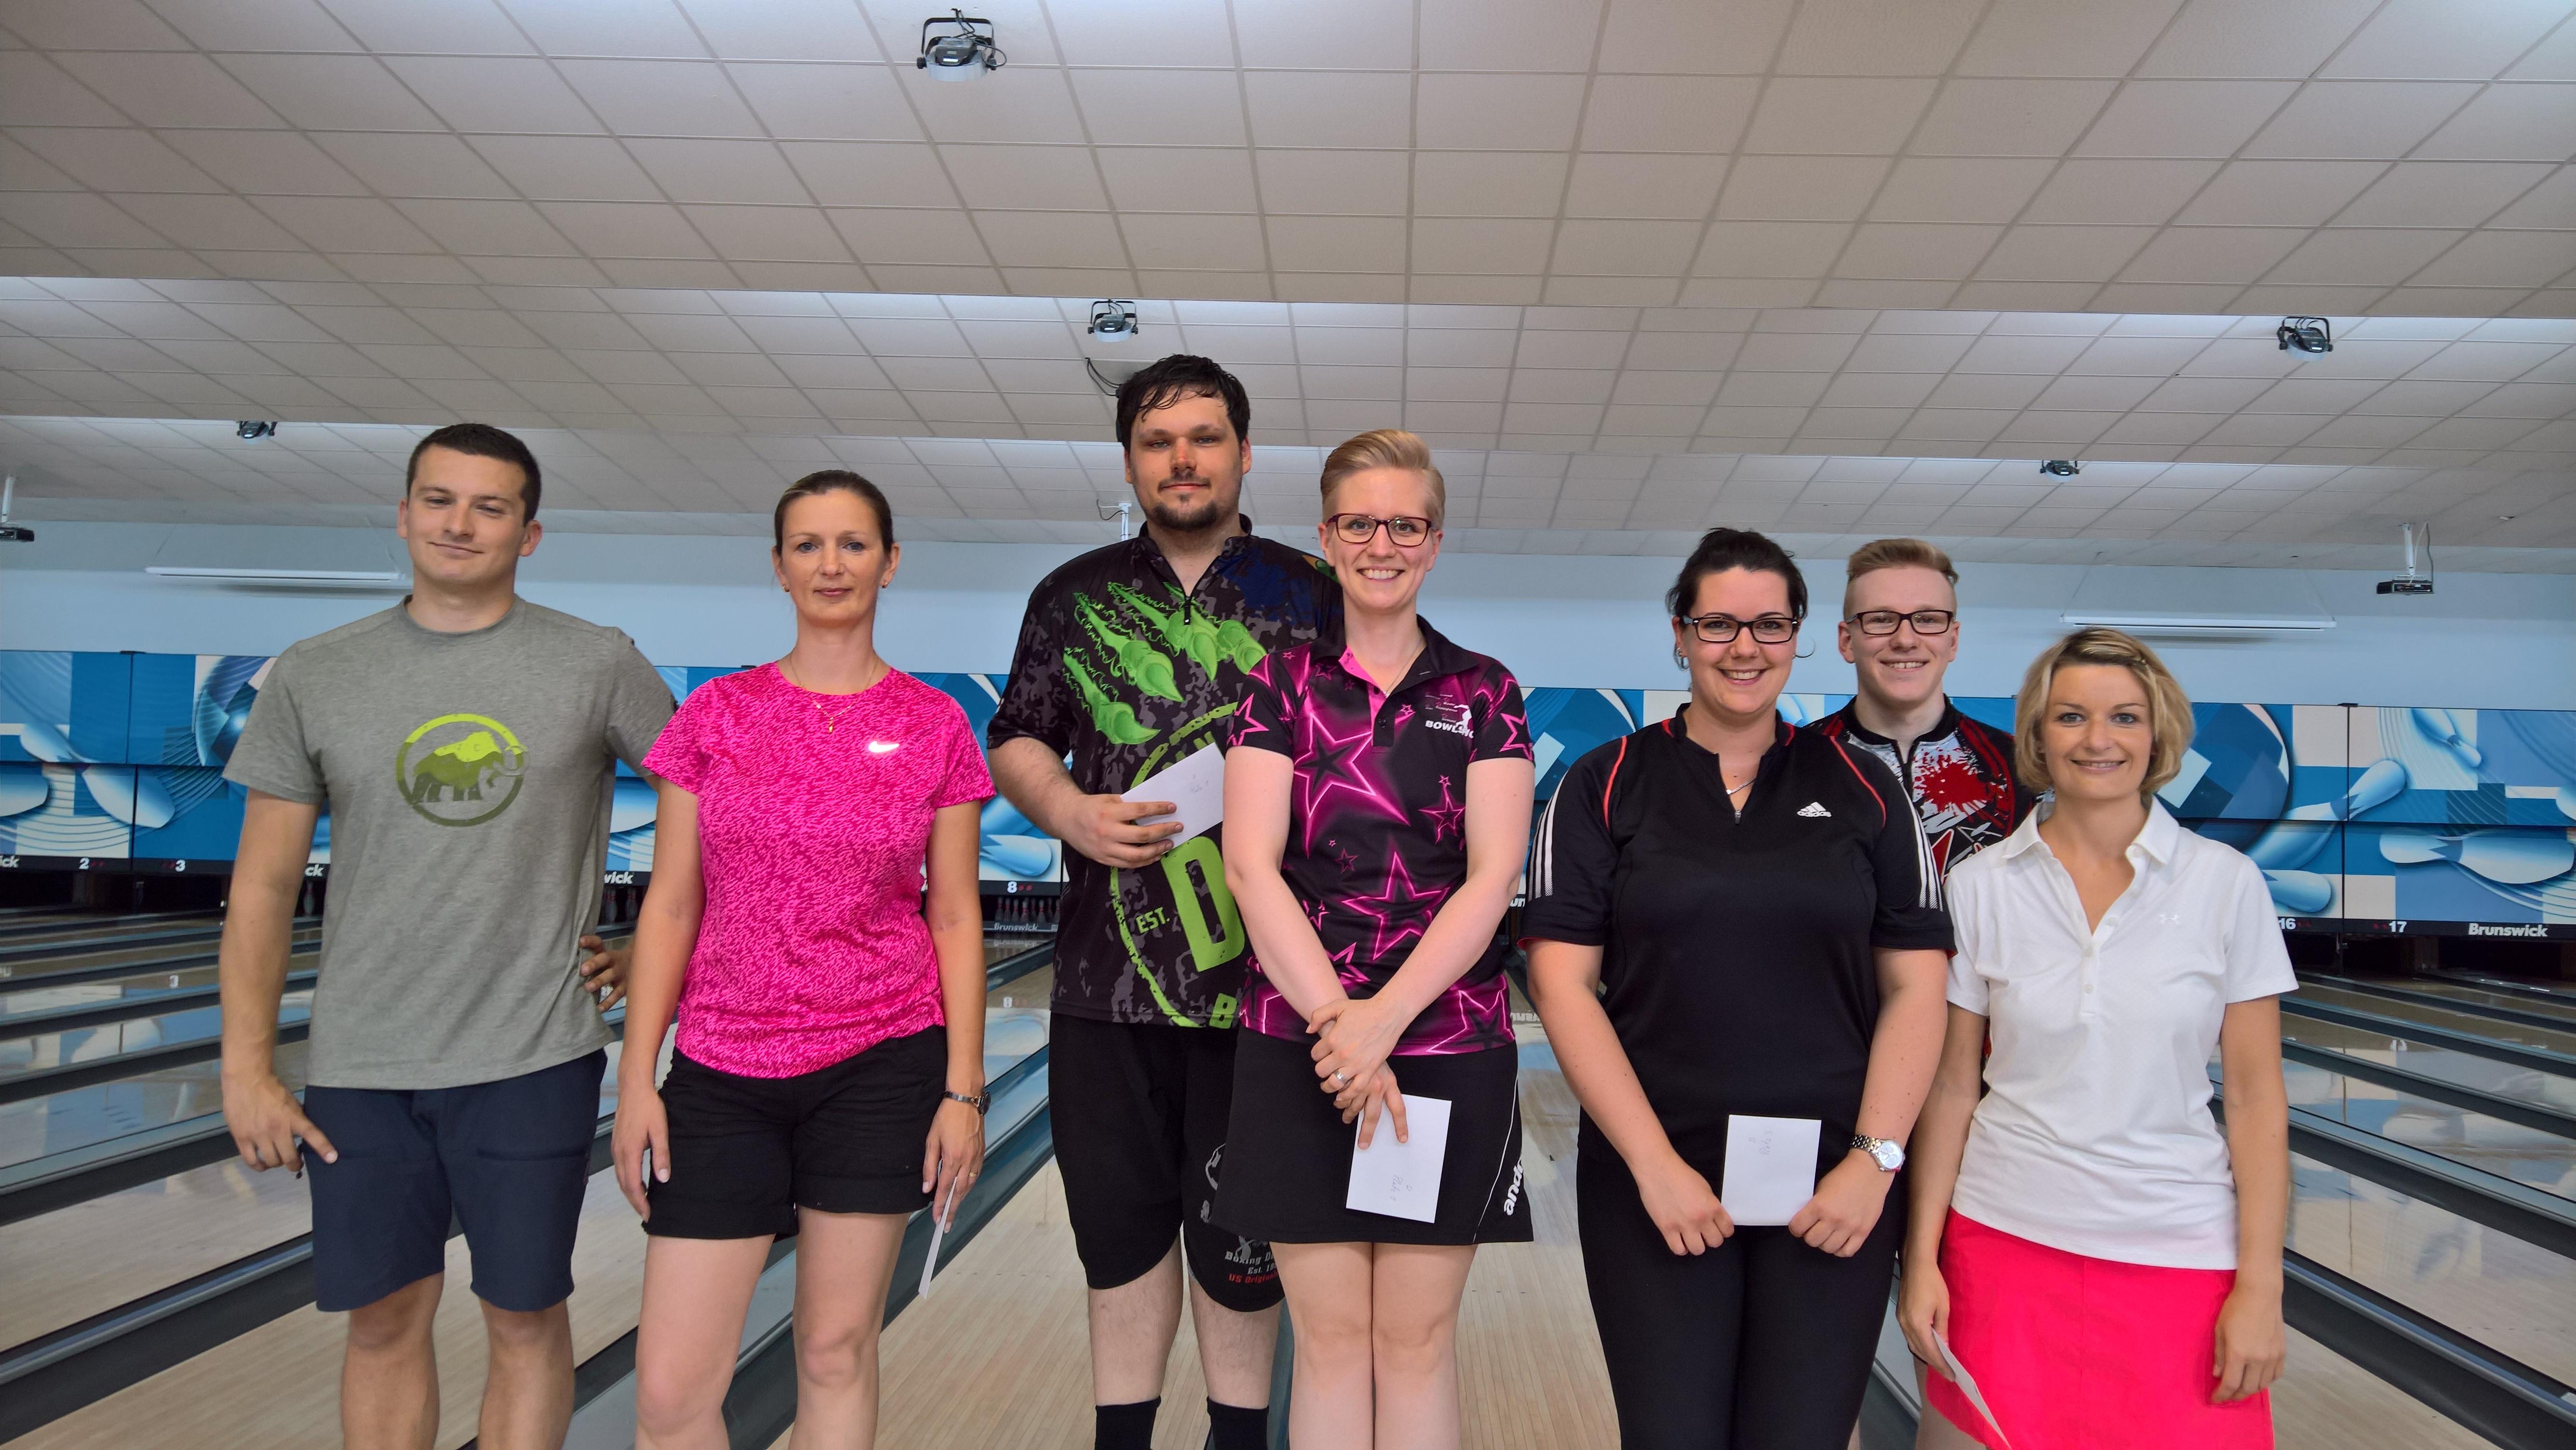 Sabrina Schymanski und Kevin Köseoglu gewinnen den NRW-Cup 2018